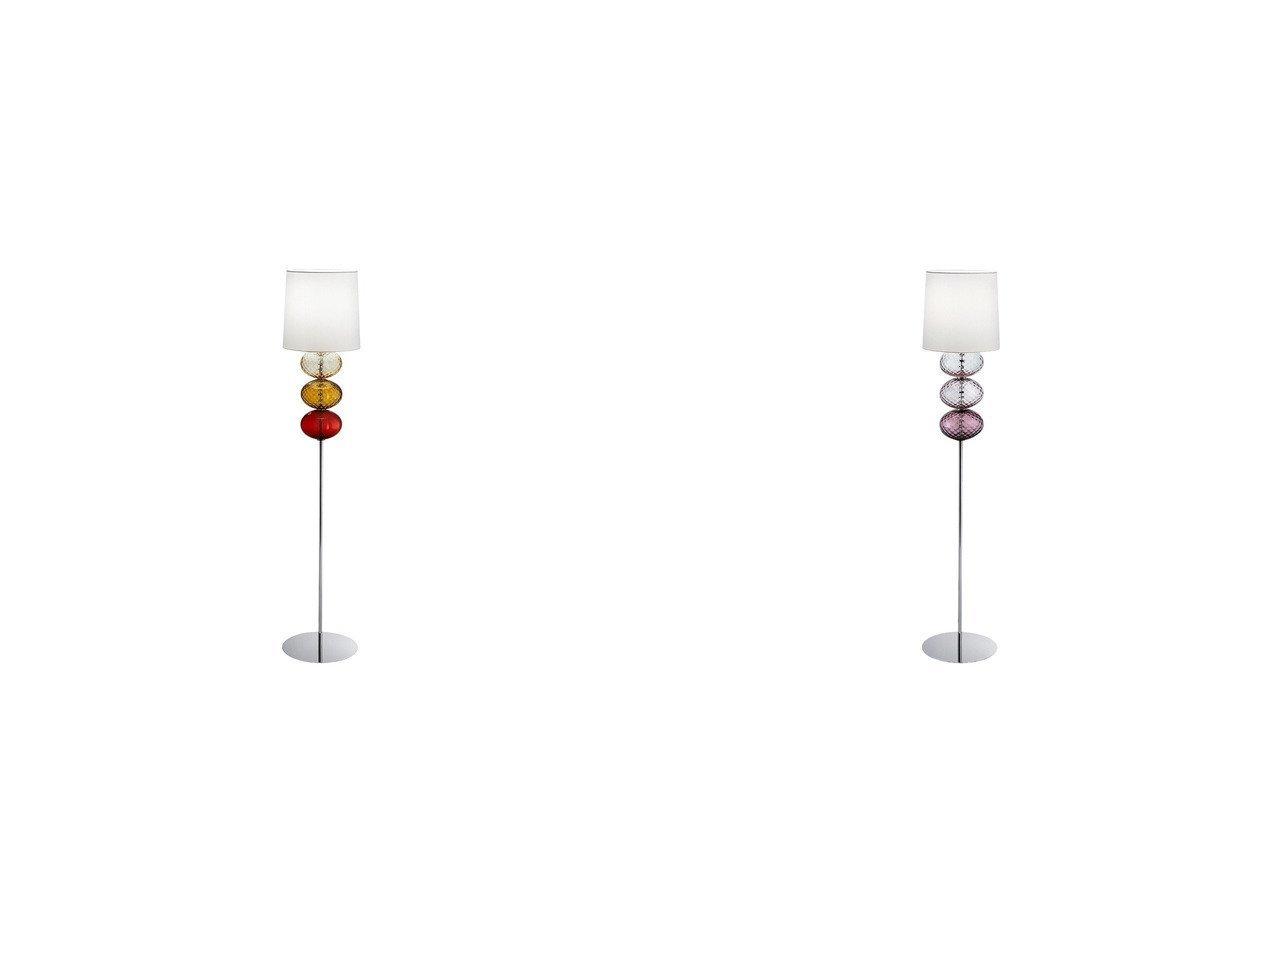 【VENINI/ヴェニーニ】のABAT-JOUR 803. アバジュール 803.02 【ライト・照明 お家時間 FURNITURE】おすすめ!人気、インテリア雑貨・家具の通販 おすすめで人気の流行・トレンド、ファッションの通販商品 インテリア・家具・メンズファッション・キッズファッション・レディースファッション・服の通販 founy(ファニー) https://founy.com/ イタリア ガラス キルティング クラシック モダン ワーク 送料無料 Free Shipping ホーム・キャンプ・アウトドア Home,Garden,Outdoor,Camping Gear 家具・インテリア Furniture ライト・照明 Lighting & Light Fixtures フロアライト・スタンドライト |ID:crp329100000054416